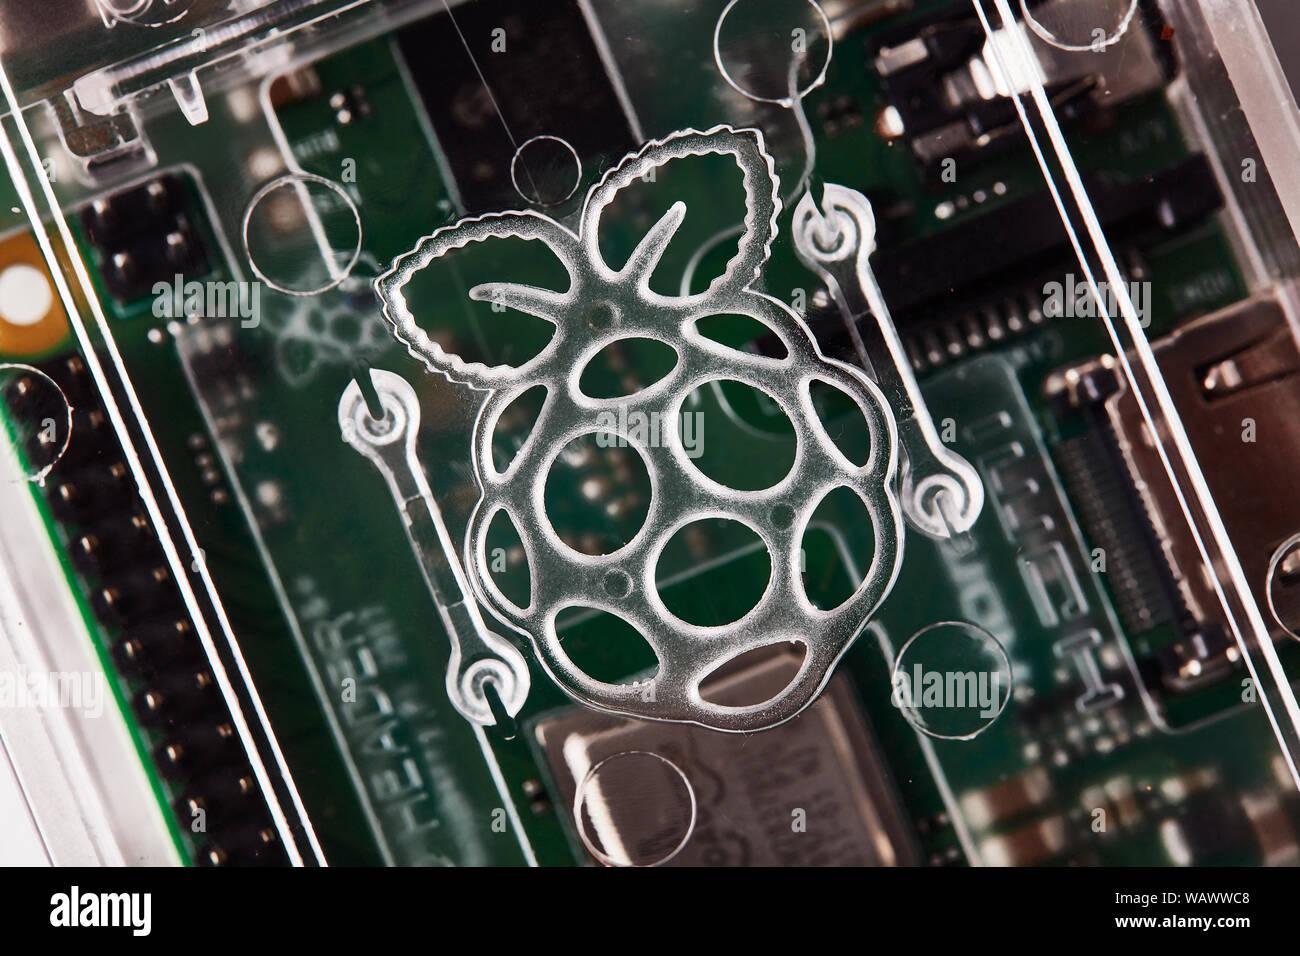 Raspberry Pi 3 B+ Stock Photo: 264870824 - Alamy